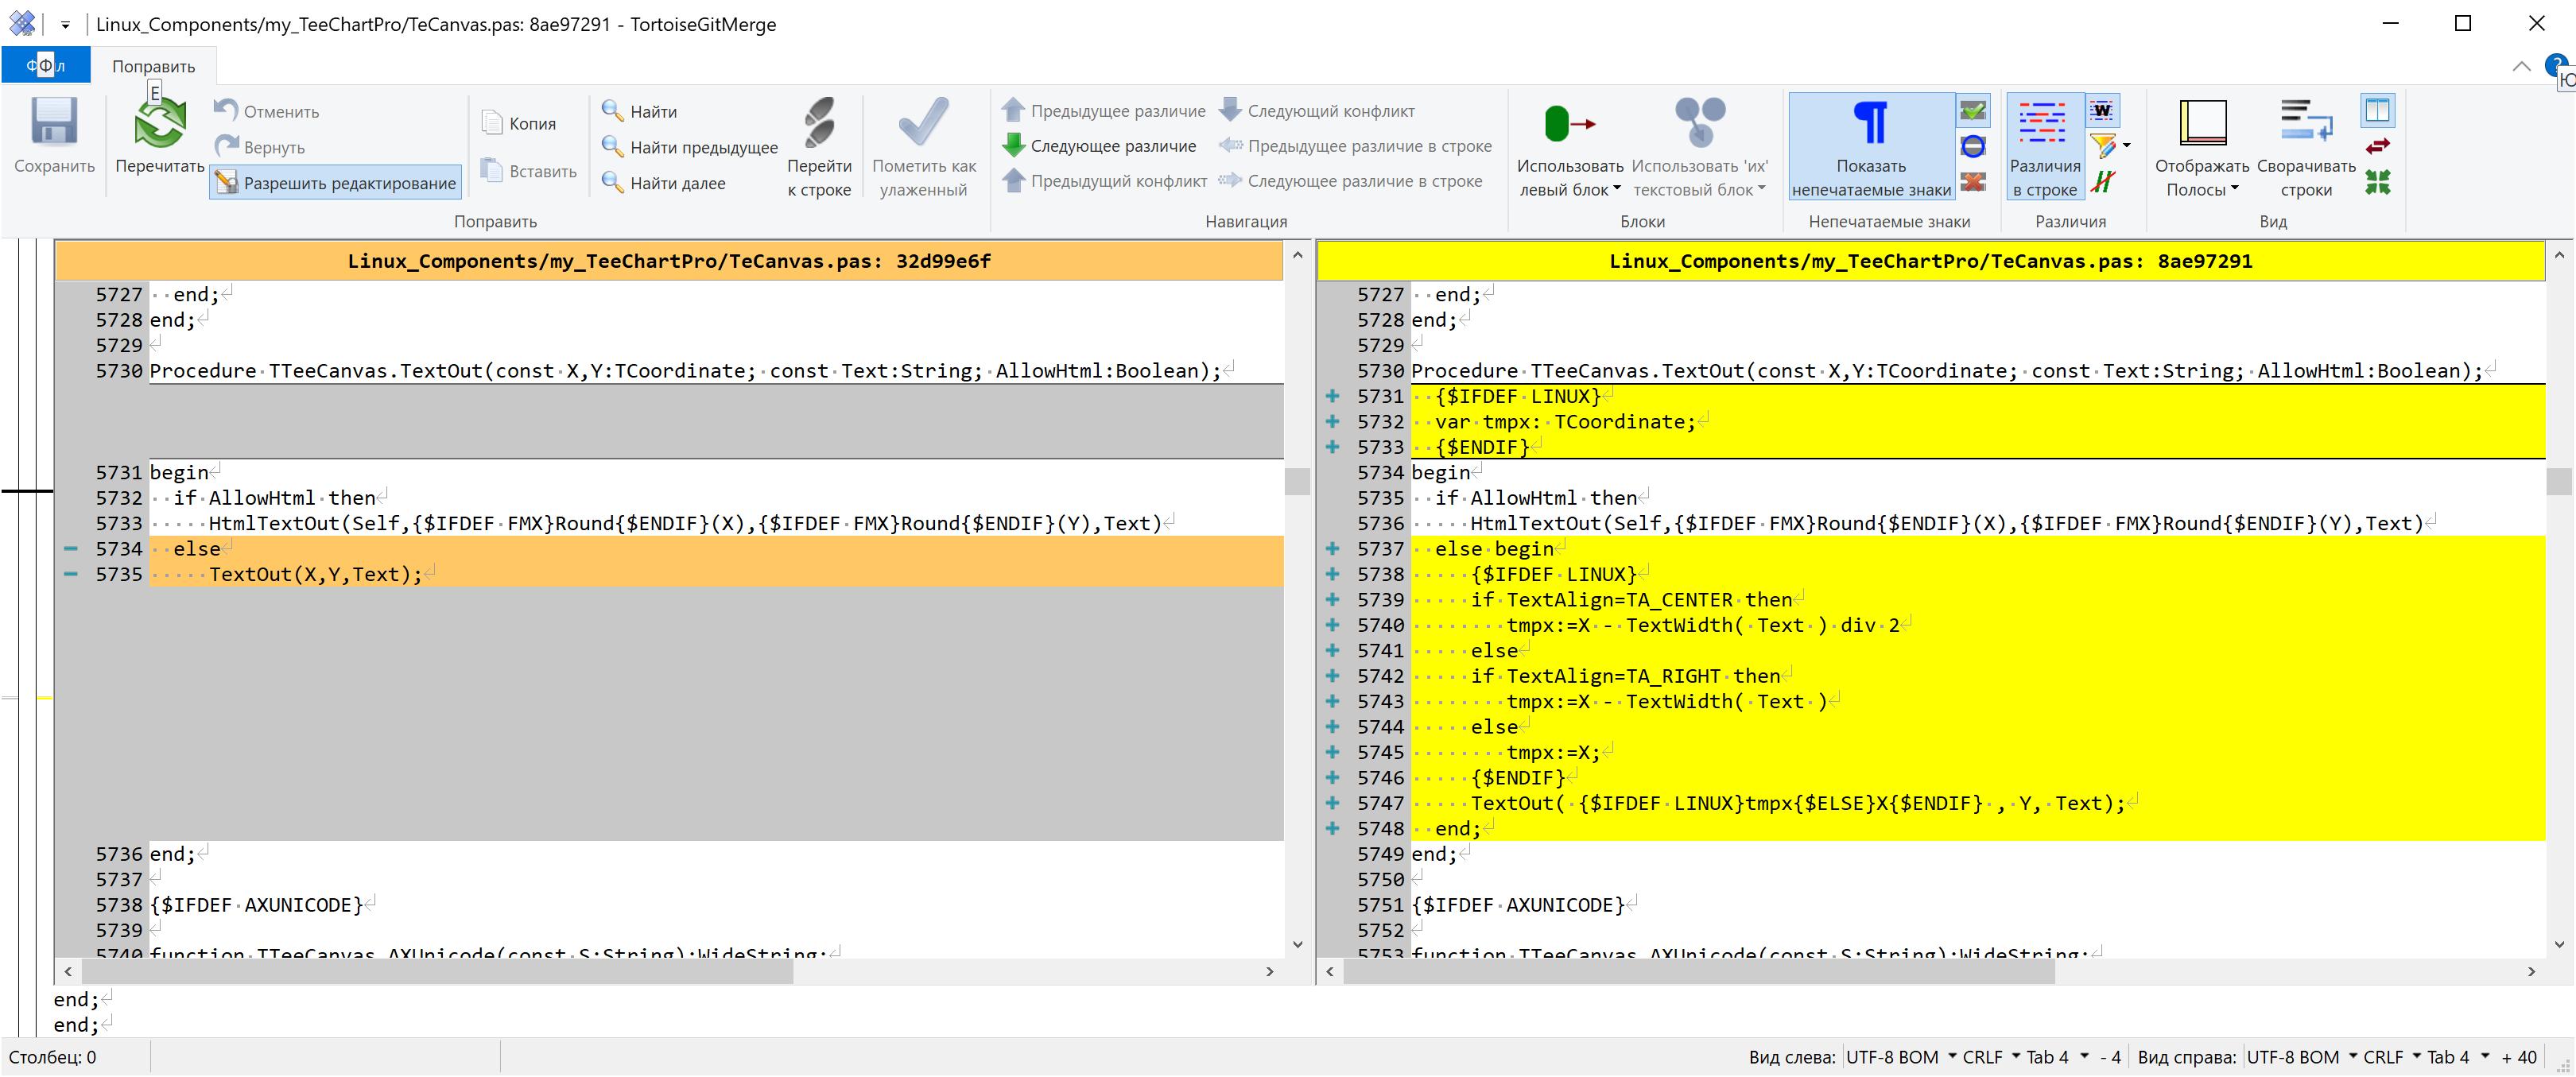 Особенности портирования сложного модульного ПО написанного на Delphi под ОС Linux - 13